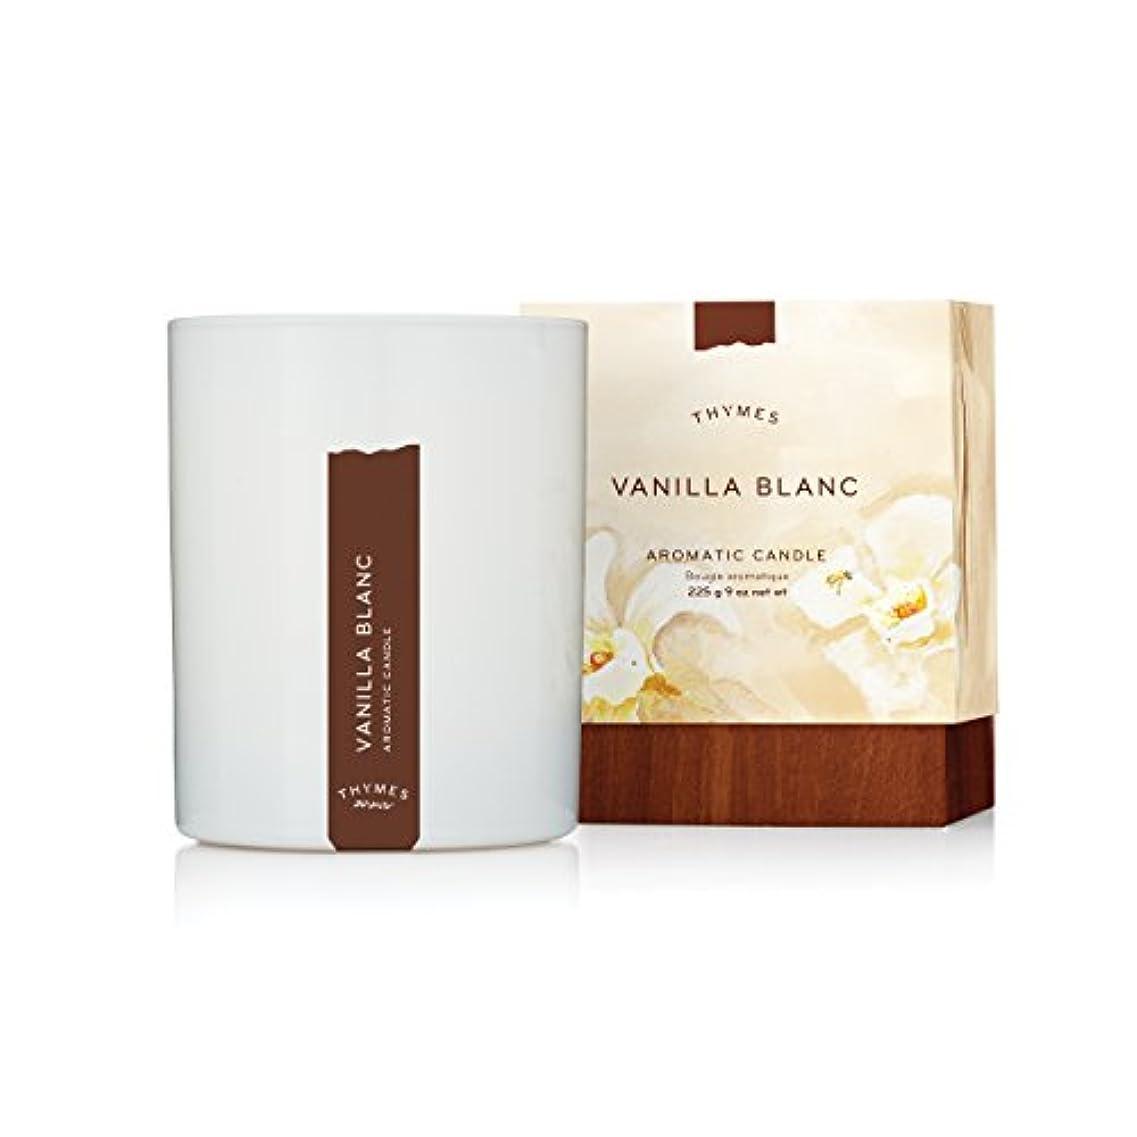 不条理企業エイズThymes - Vanilla Blanc Aromatic Scented Candle - Long Lasting Warm Vanilla Scent with Gift Box - 9 oz